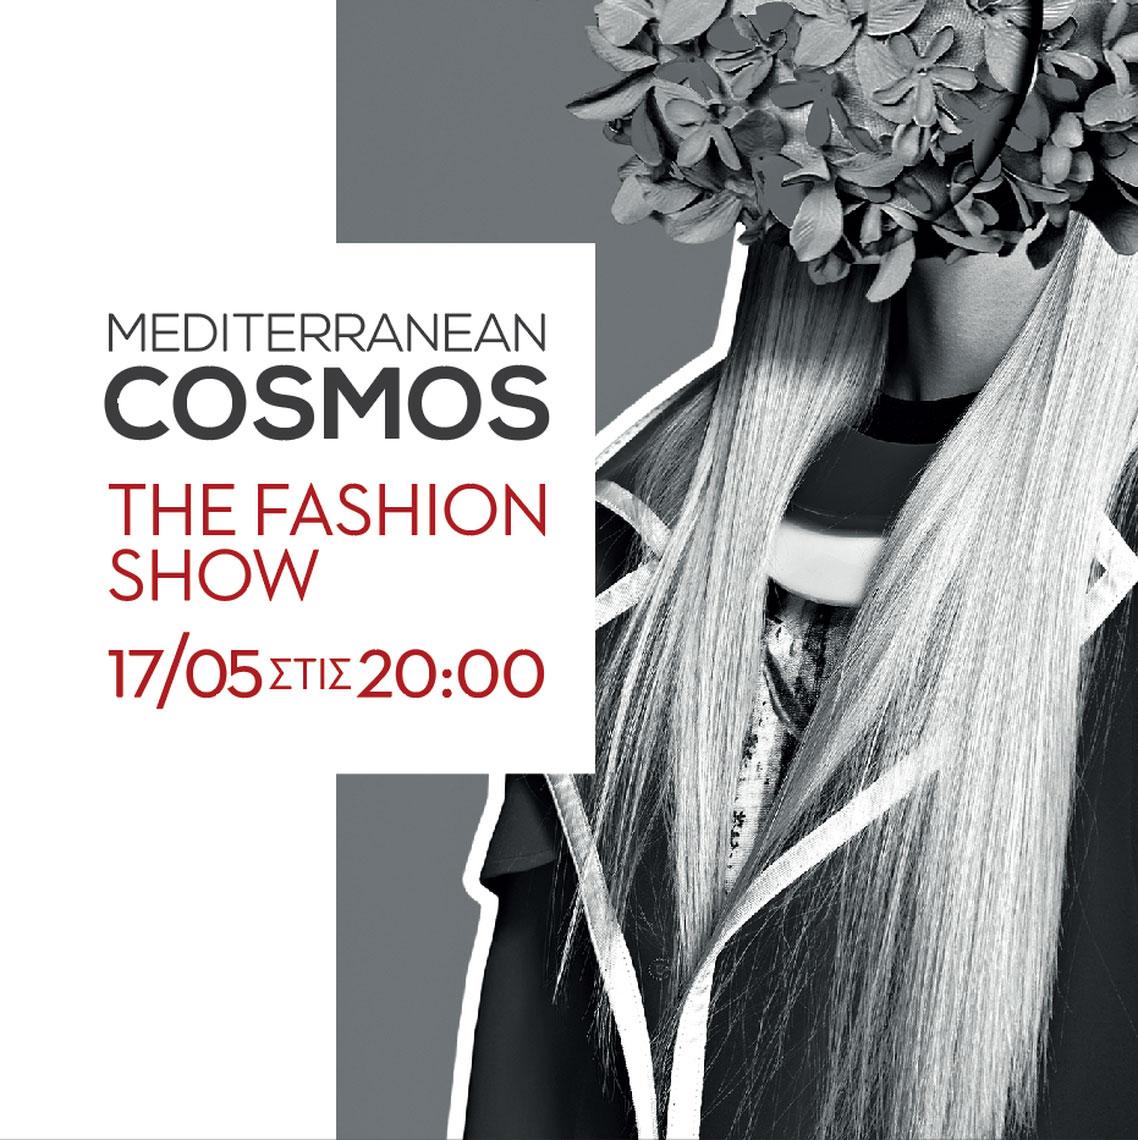 THE FASHION SHOW στο Mediterranean Cosmos!